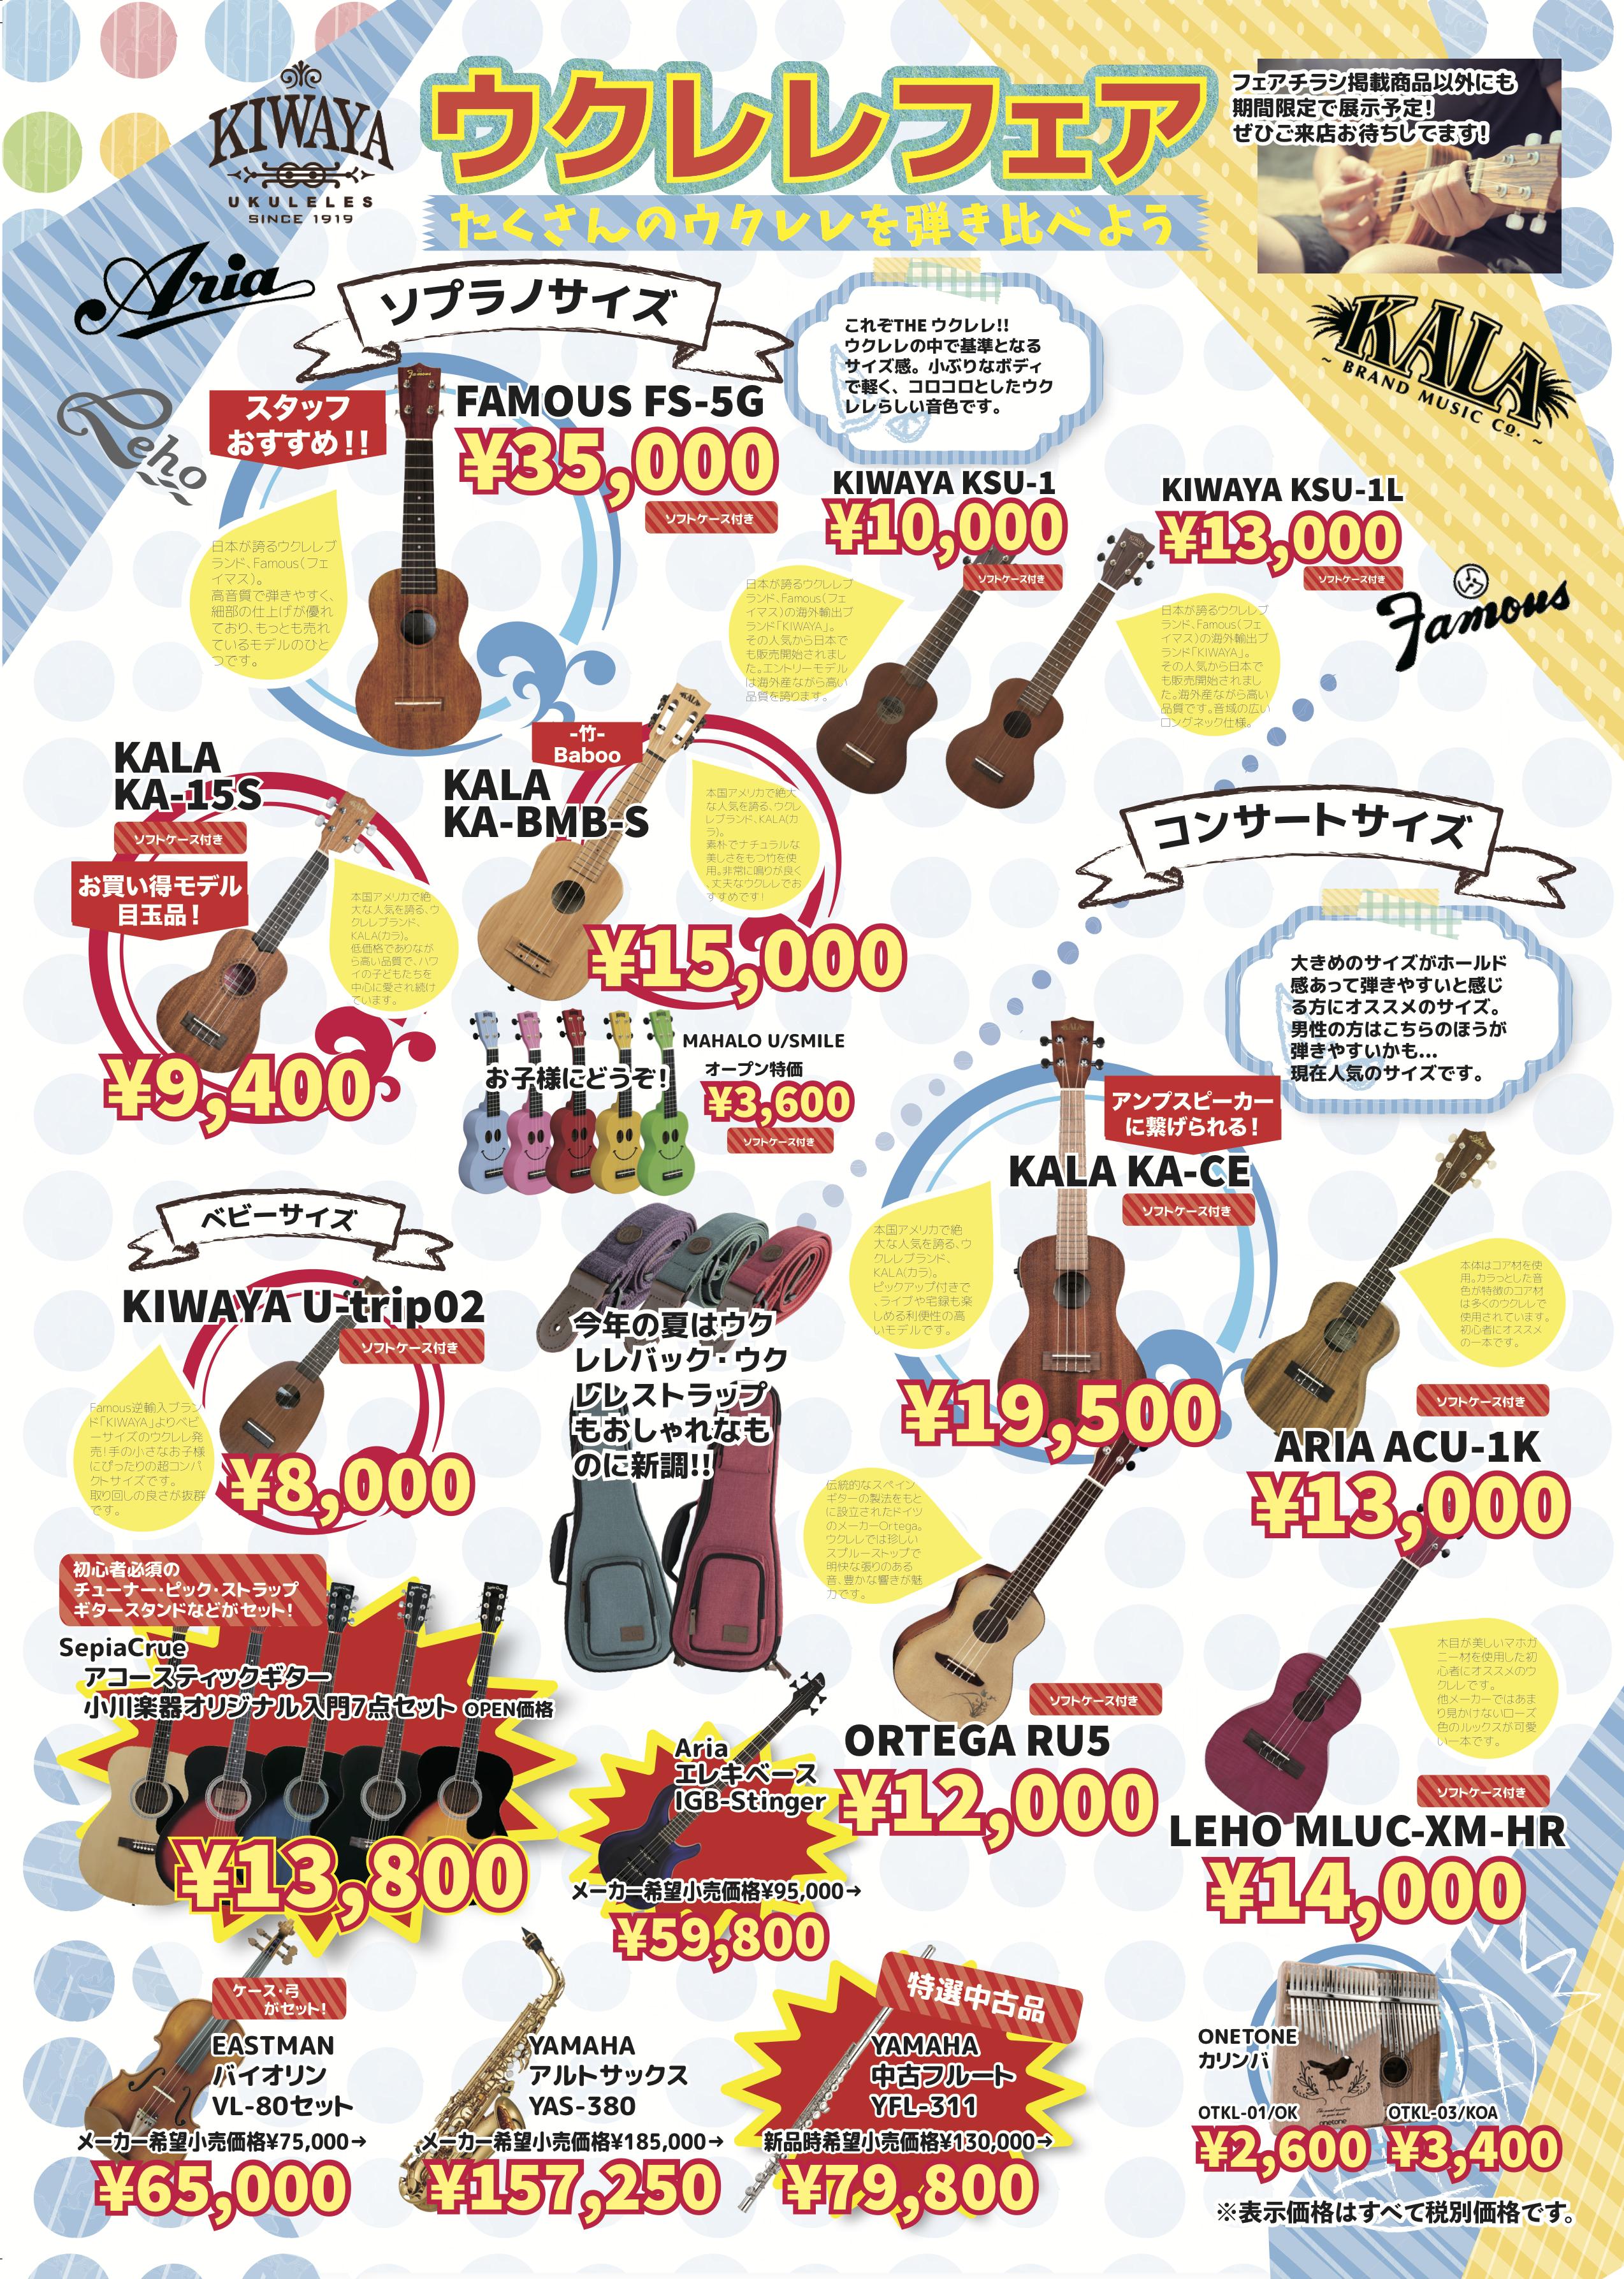 【フェア・鳥栖店】8/8~8/16 小川楽器鳥栖店 ヤマハ夏の楽器フェア開催!